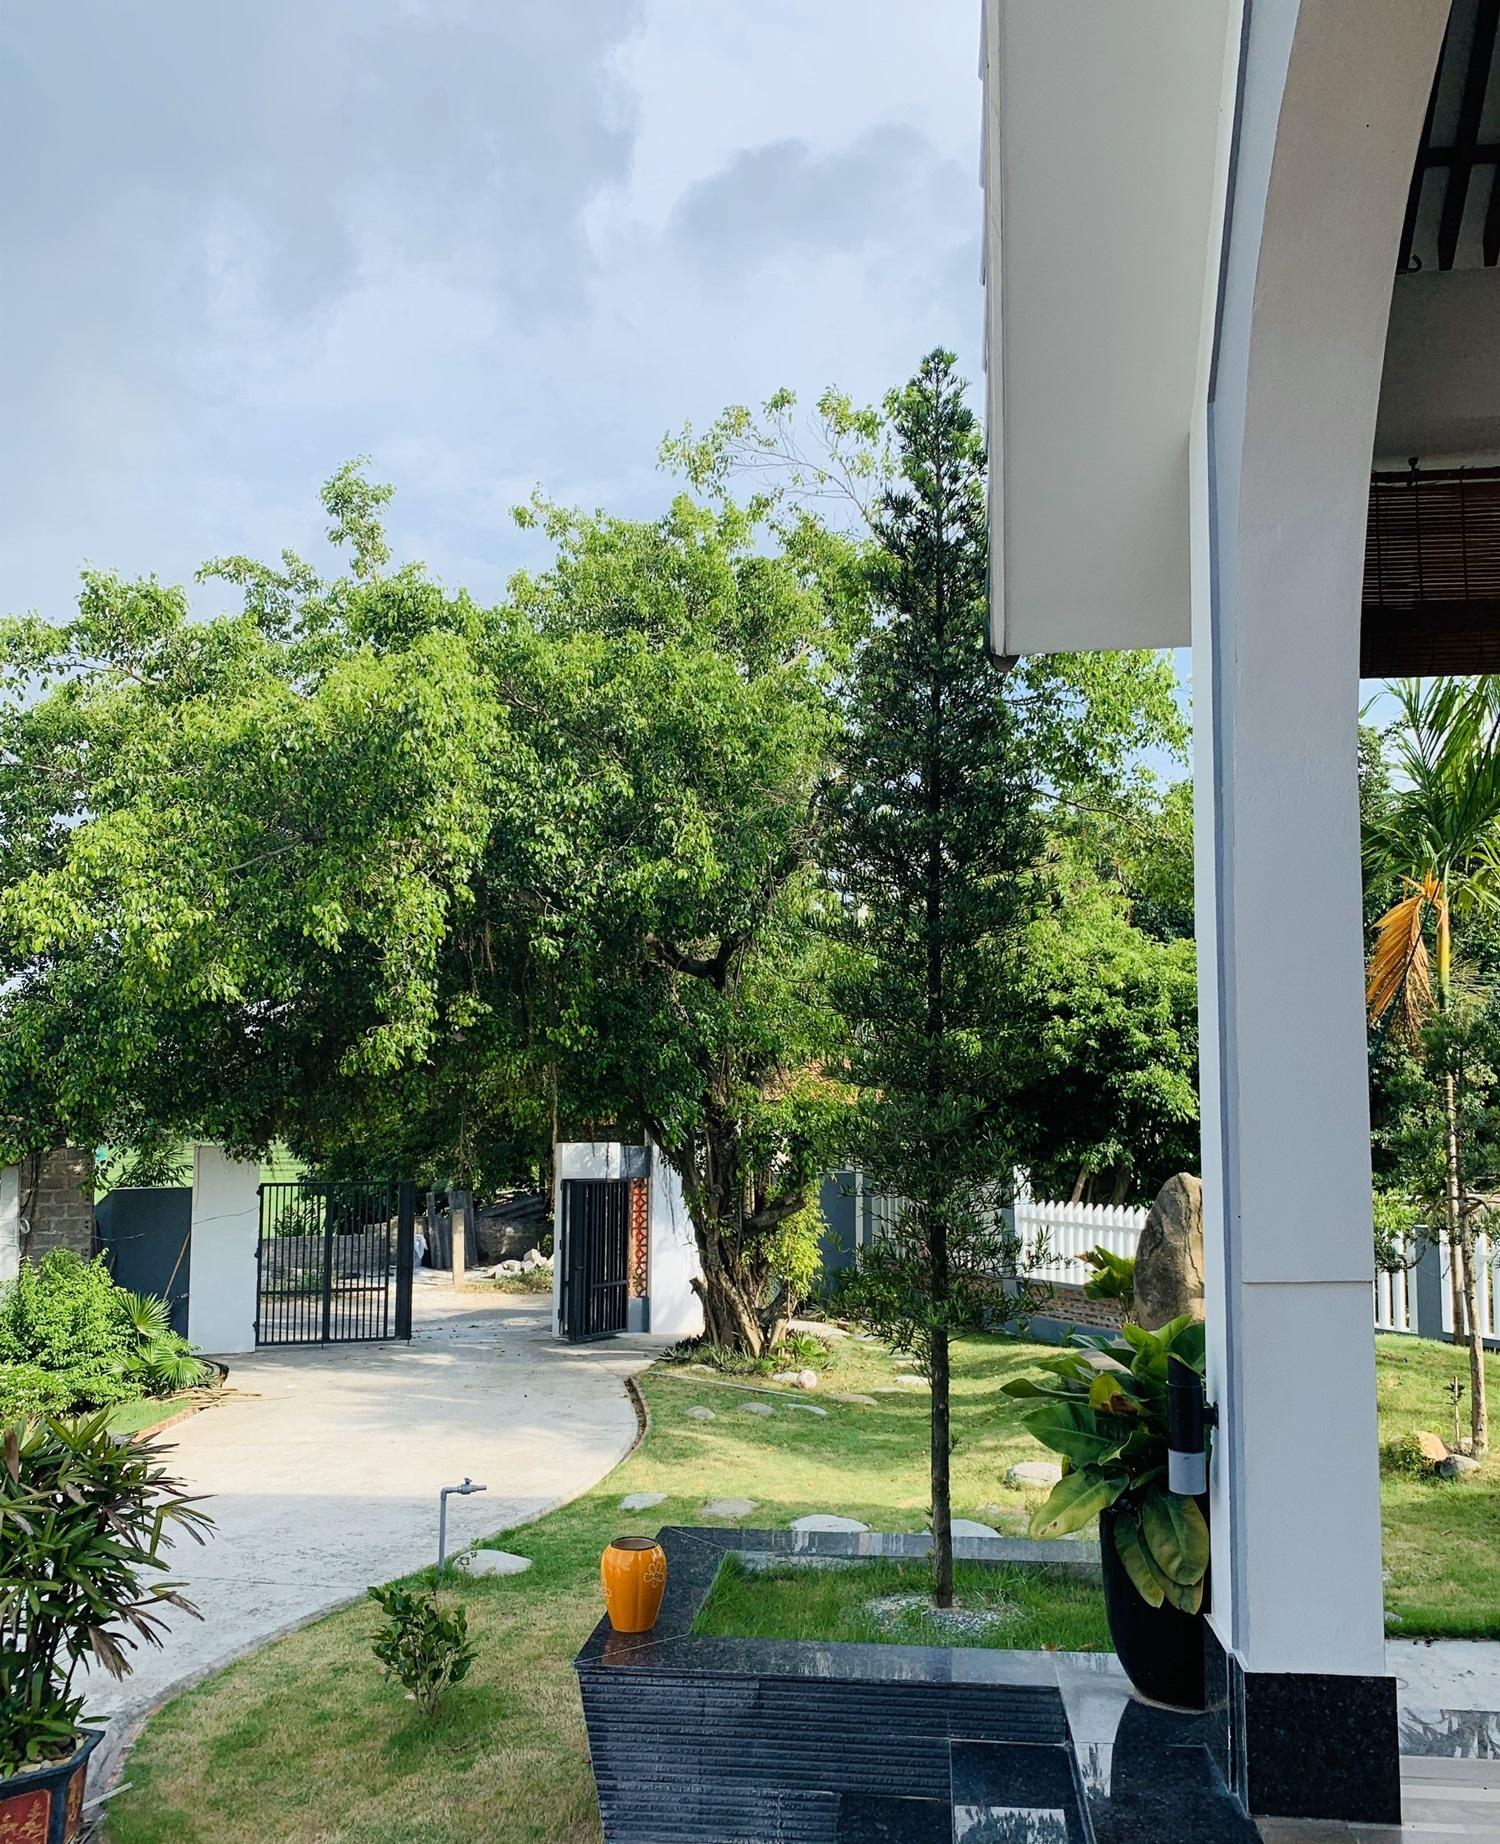 18 15987999003441470778762 - Con trai xây nhà vườn bên đồng lúa xanh mát tặng bố mẹ an hưởng tuổi già ở Vĩnh Phúc